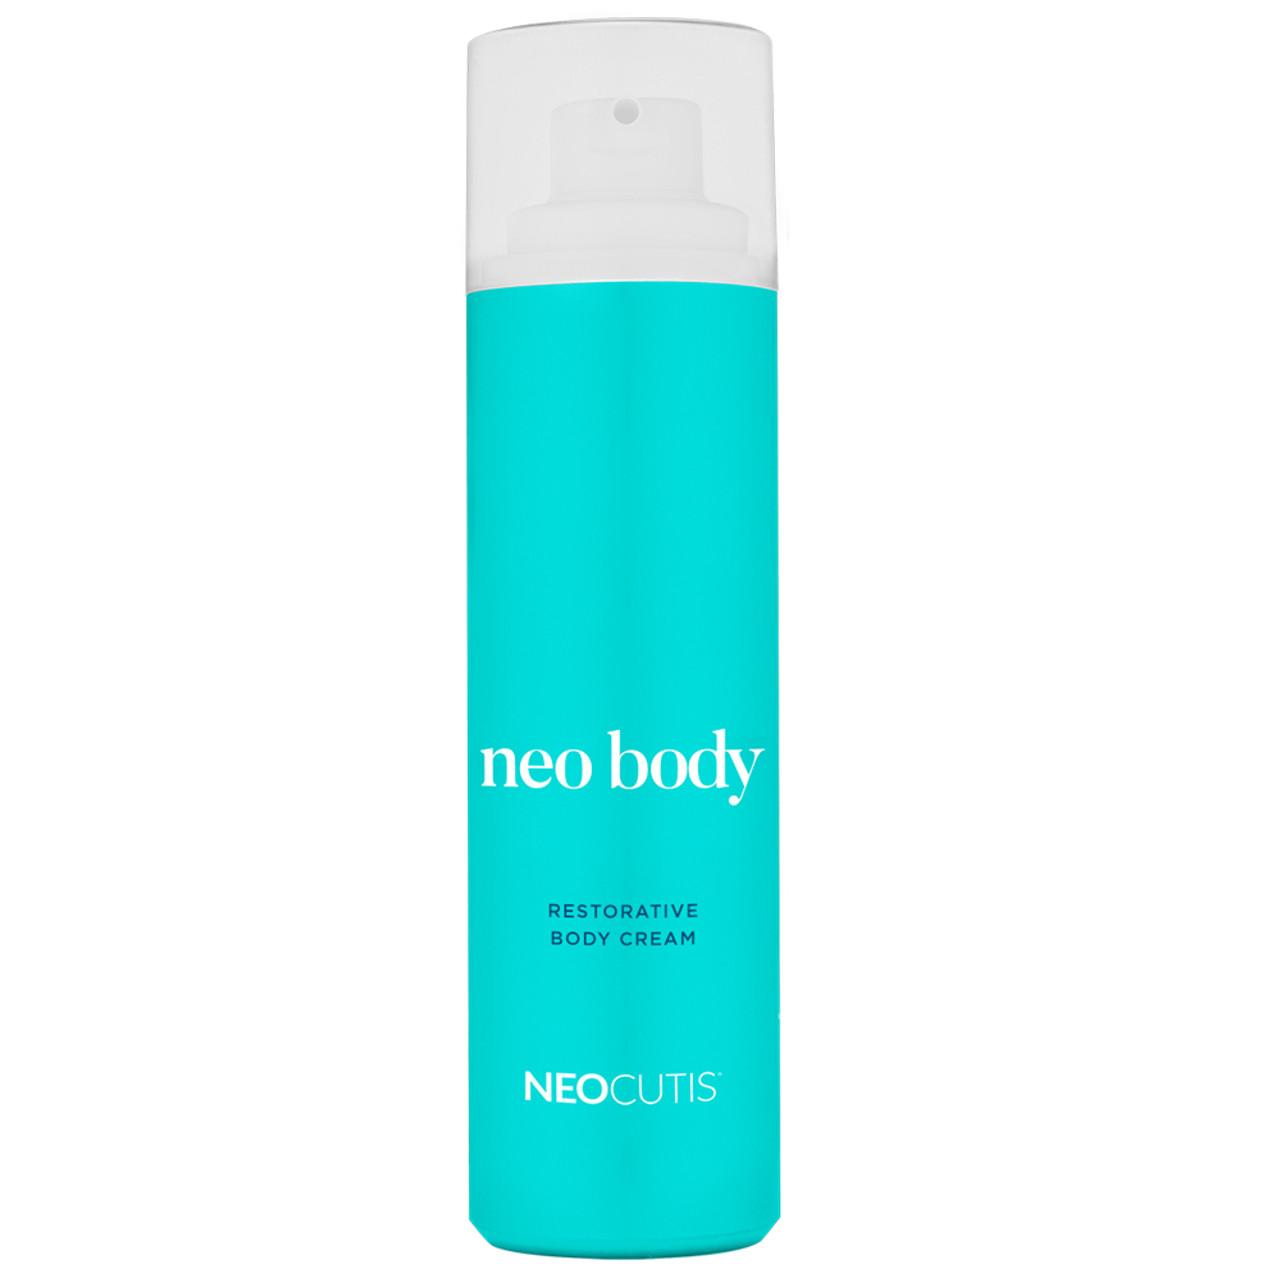 Neocutis Neo Body Restorative Body Cream